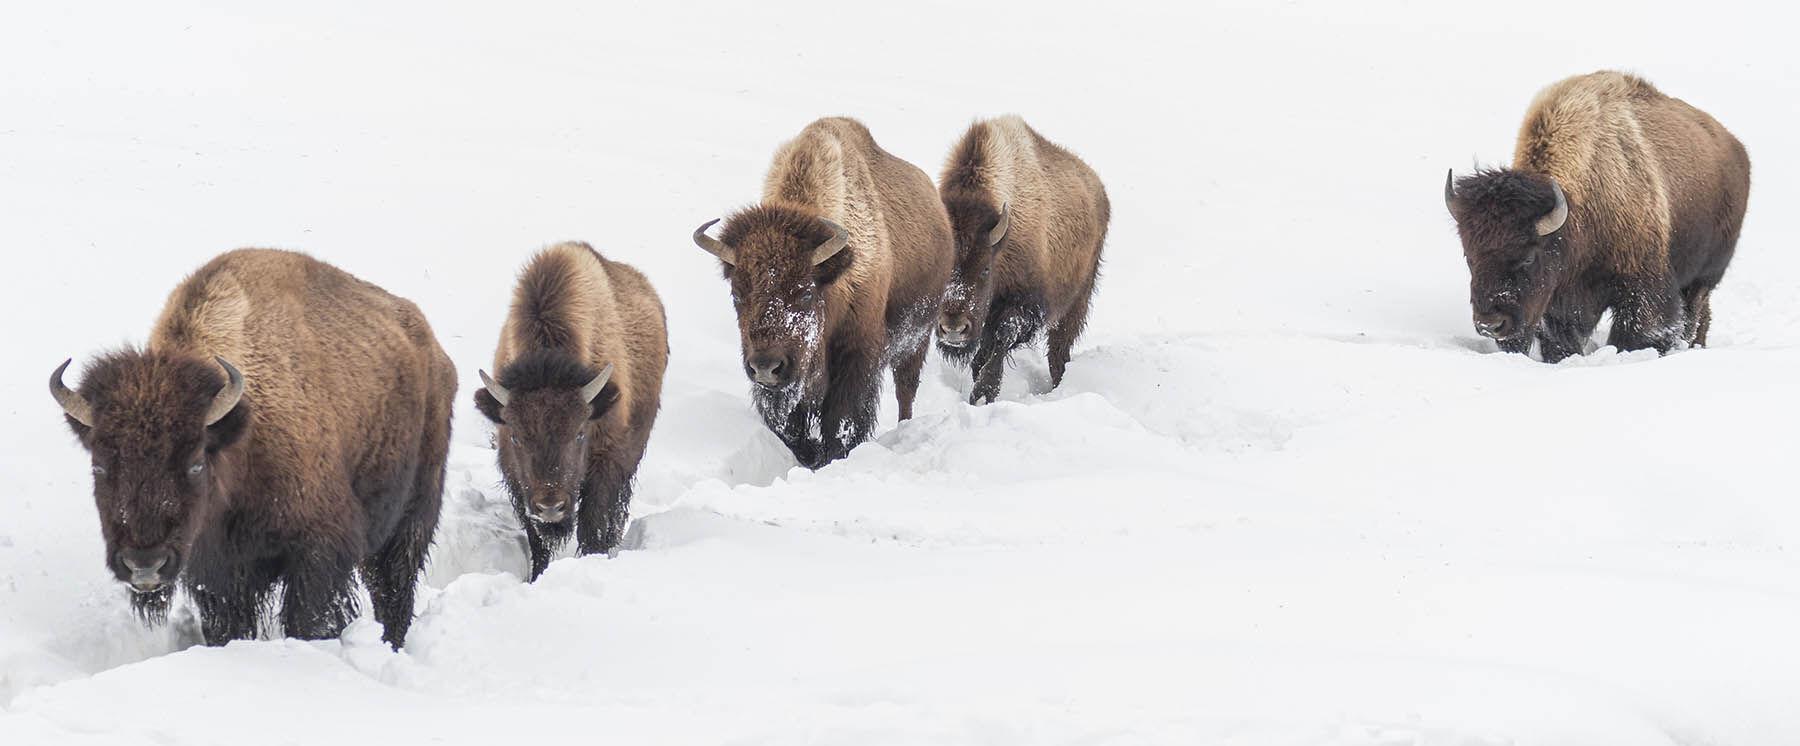 Bison trekking through the snow